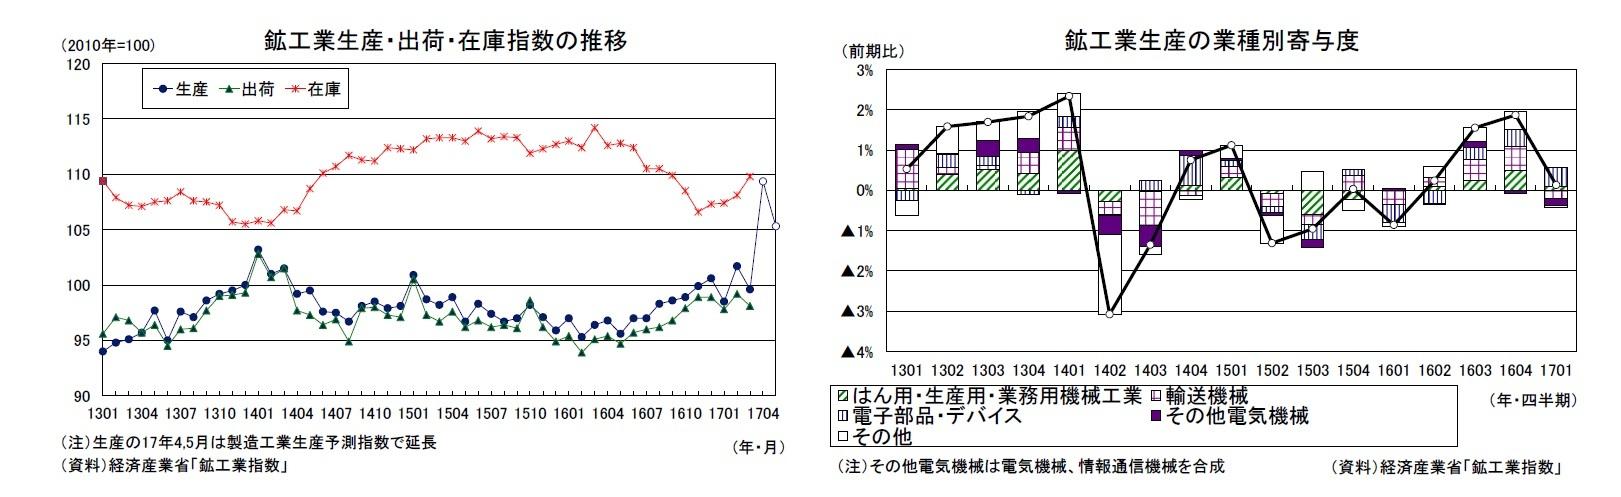 鉱工業生産・出荷・在庫指数の推移/鉱工業生産の業種別寄与度